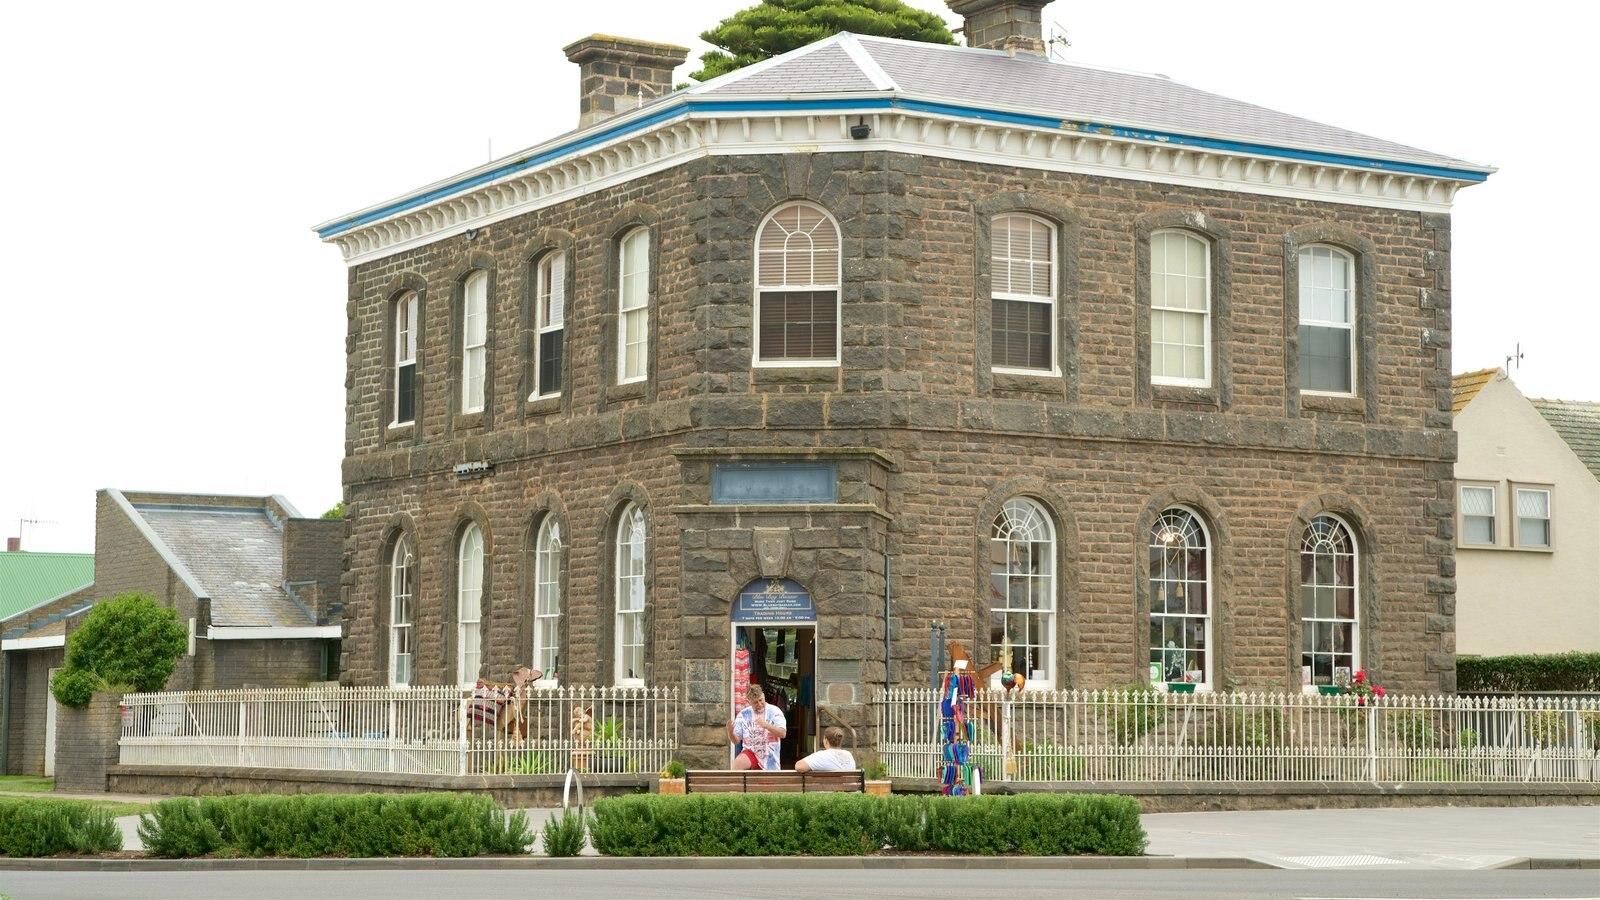 Port Fairy que inclui arquitetura de patrimônio, uma casa e cenas de rua